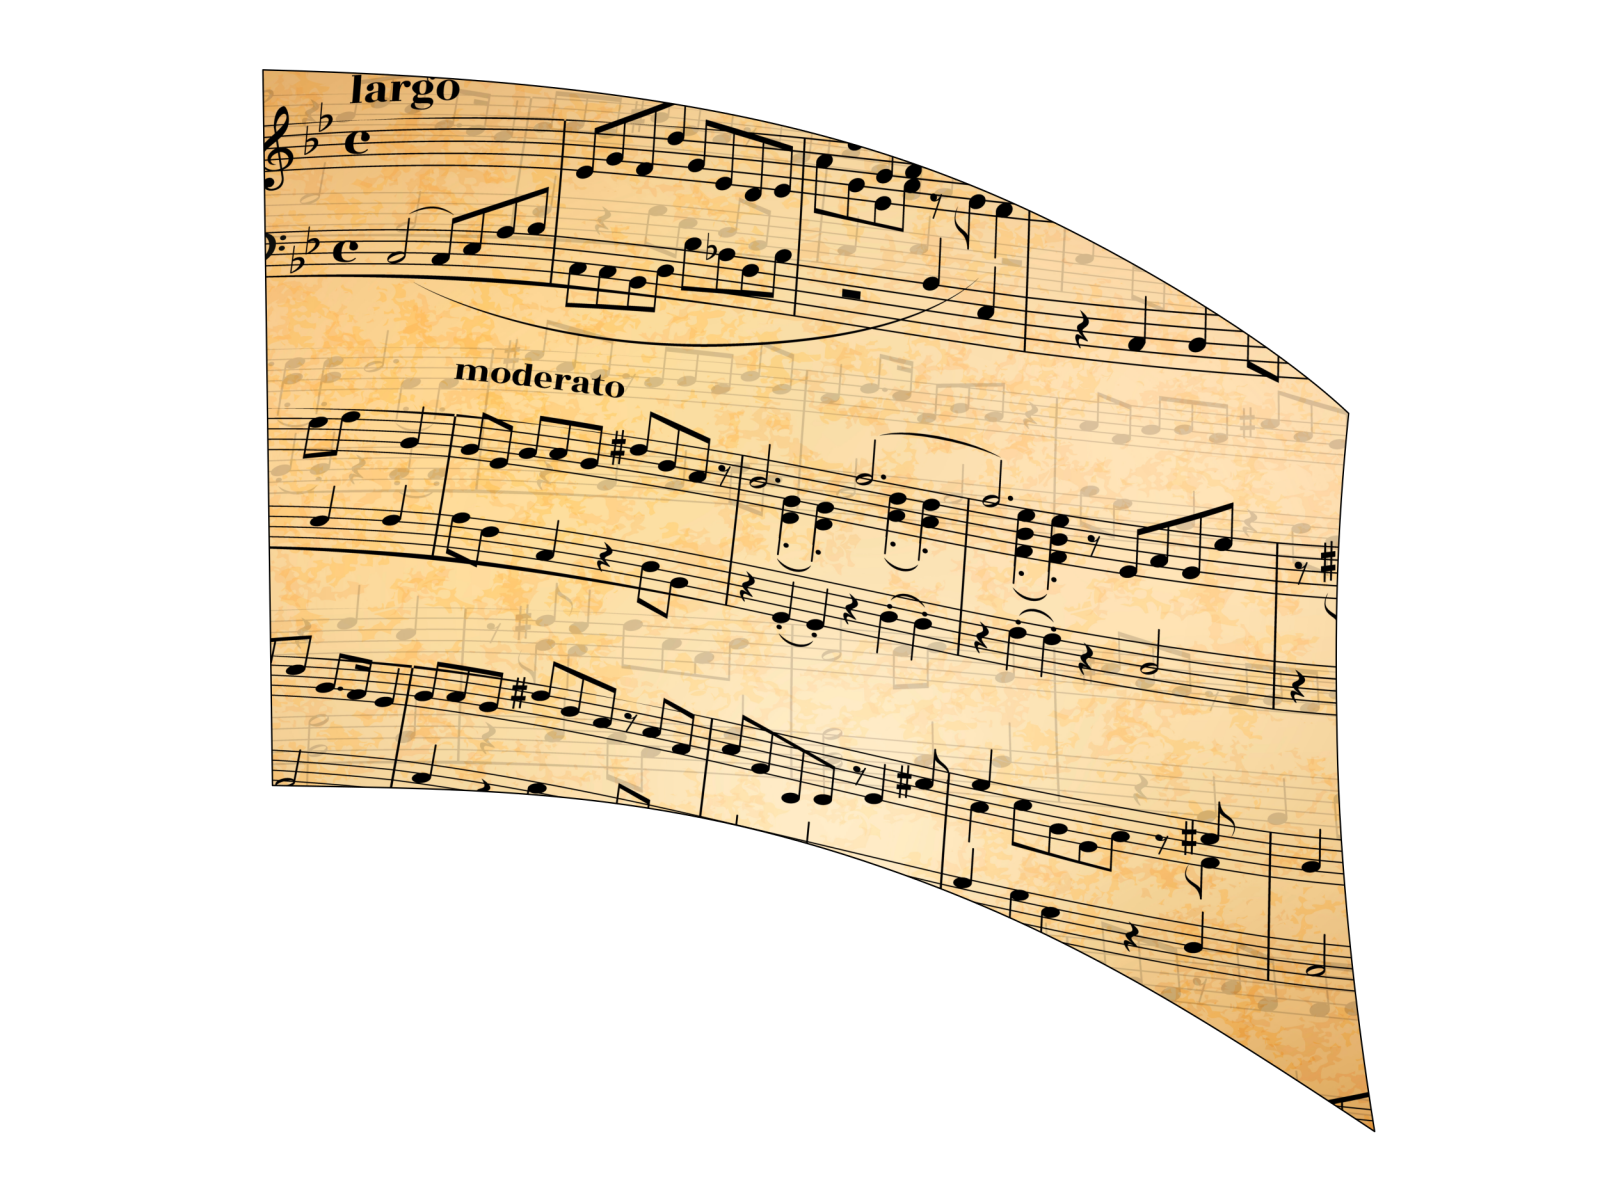 060416s - 36x52 Standard Sheet Music 2